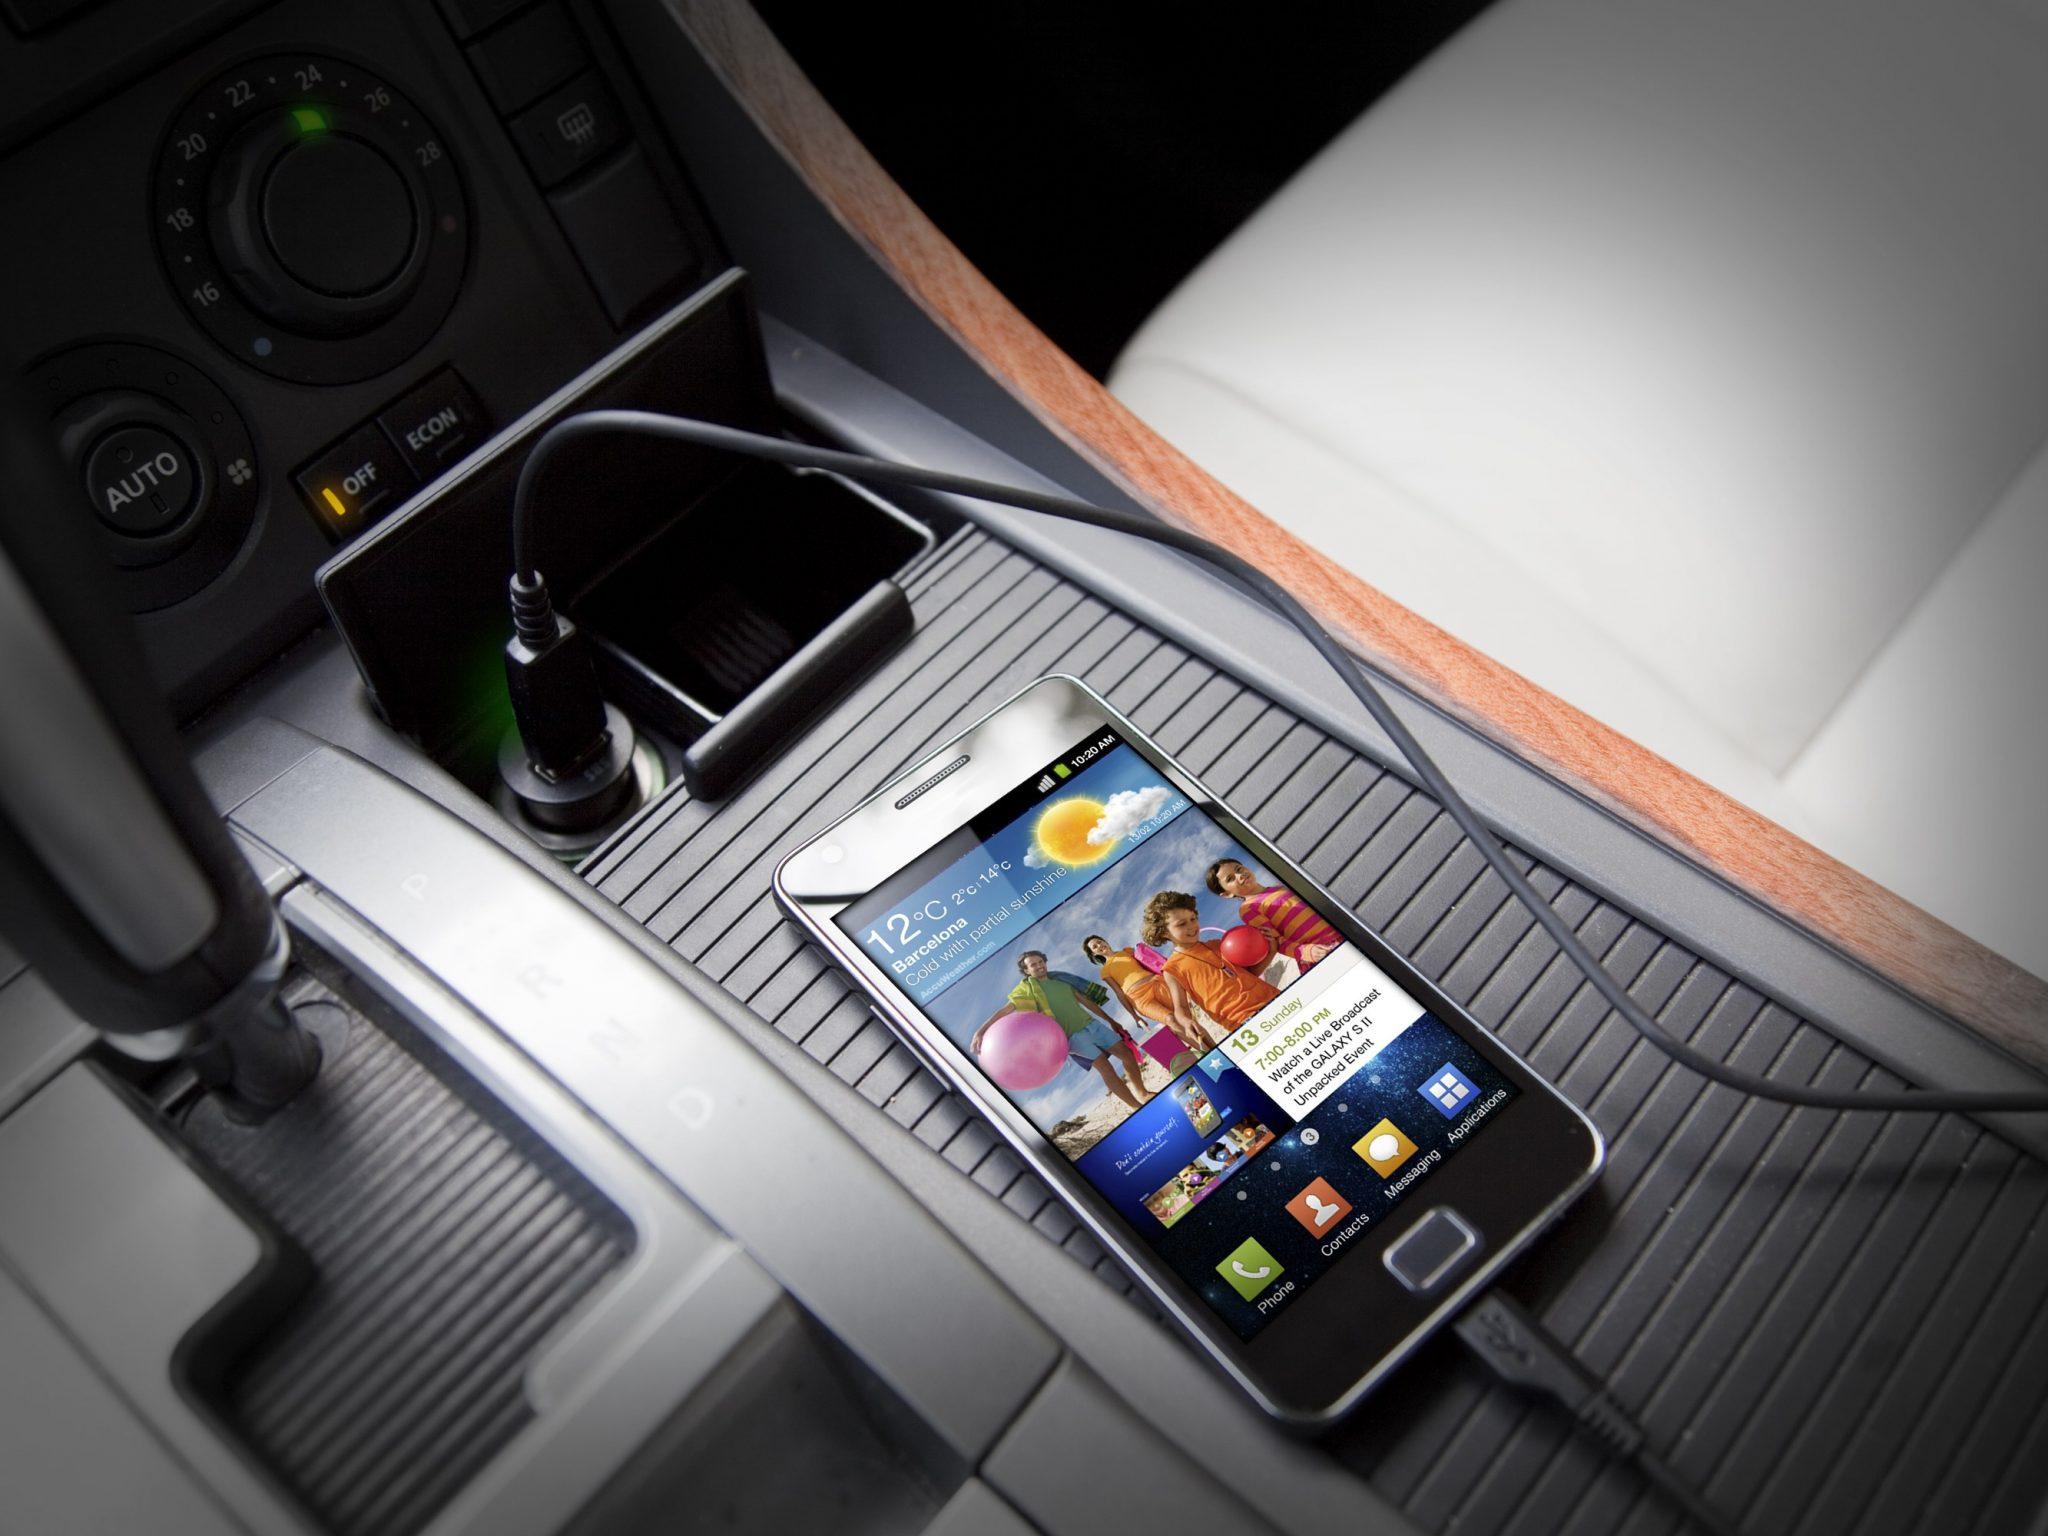 Comprare il caricabatterie per cellulari economico: guida e classifica per gli acquisti